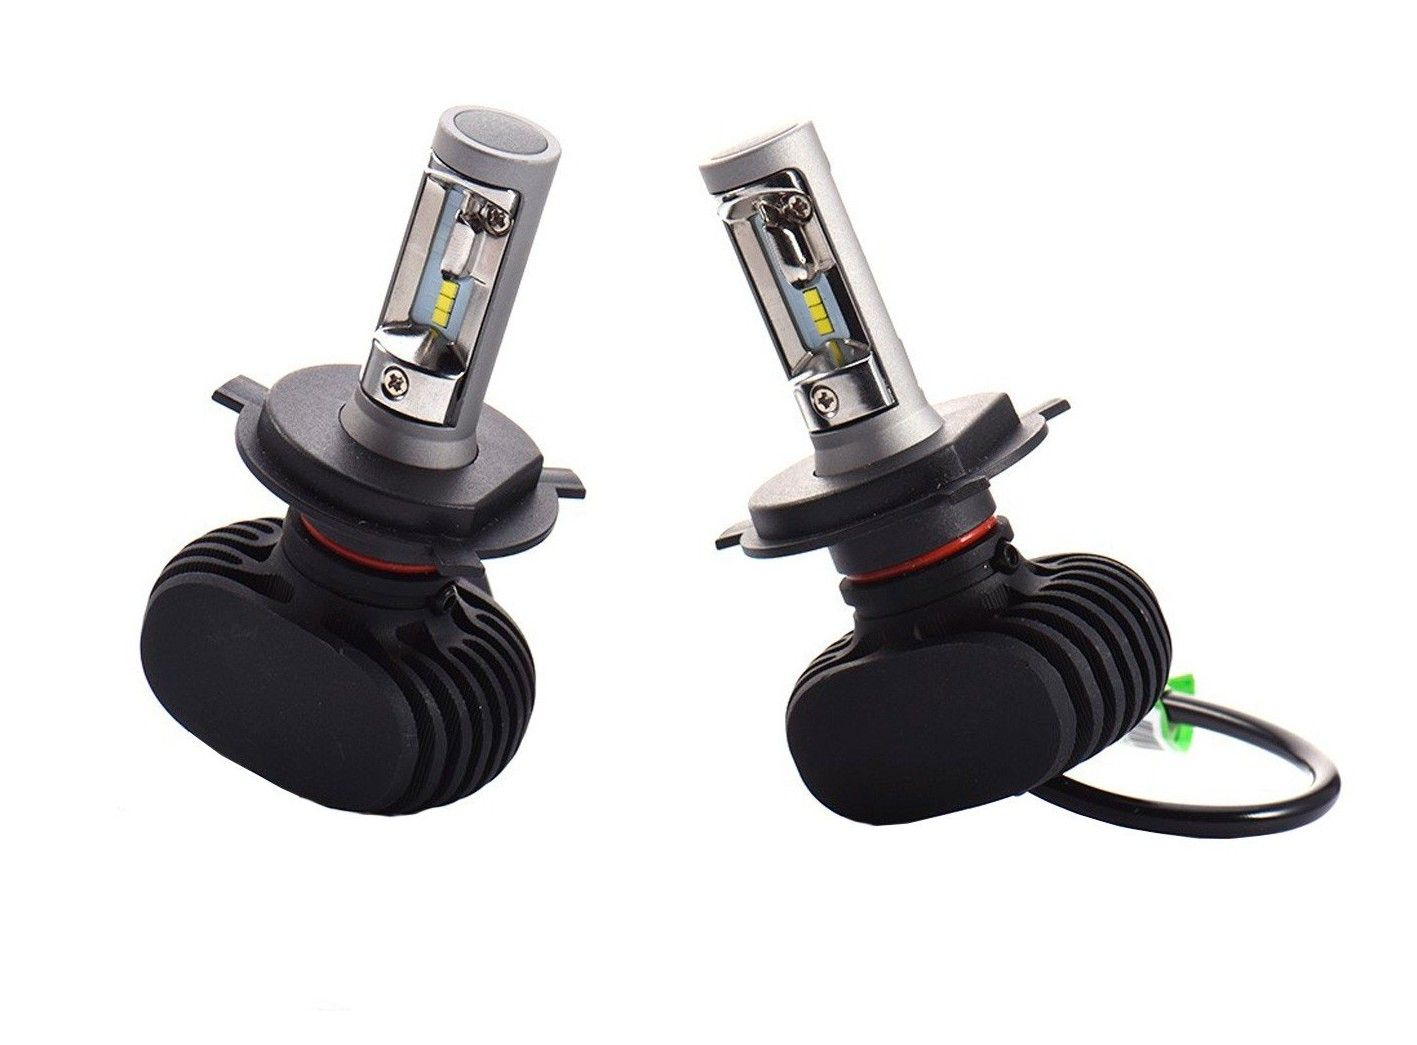 4 Einheiten LED-Lampe H7 12V 20W für Auto oder Motorrad (Neu)